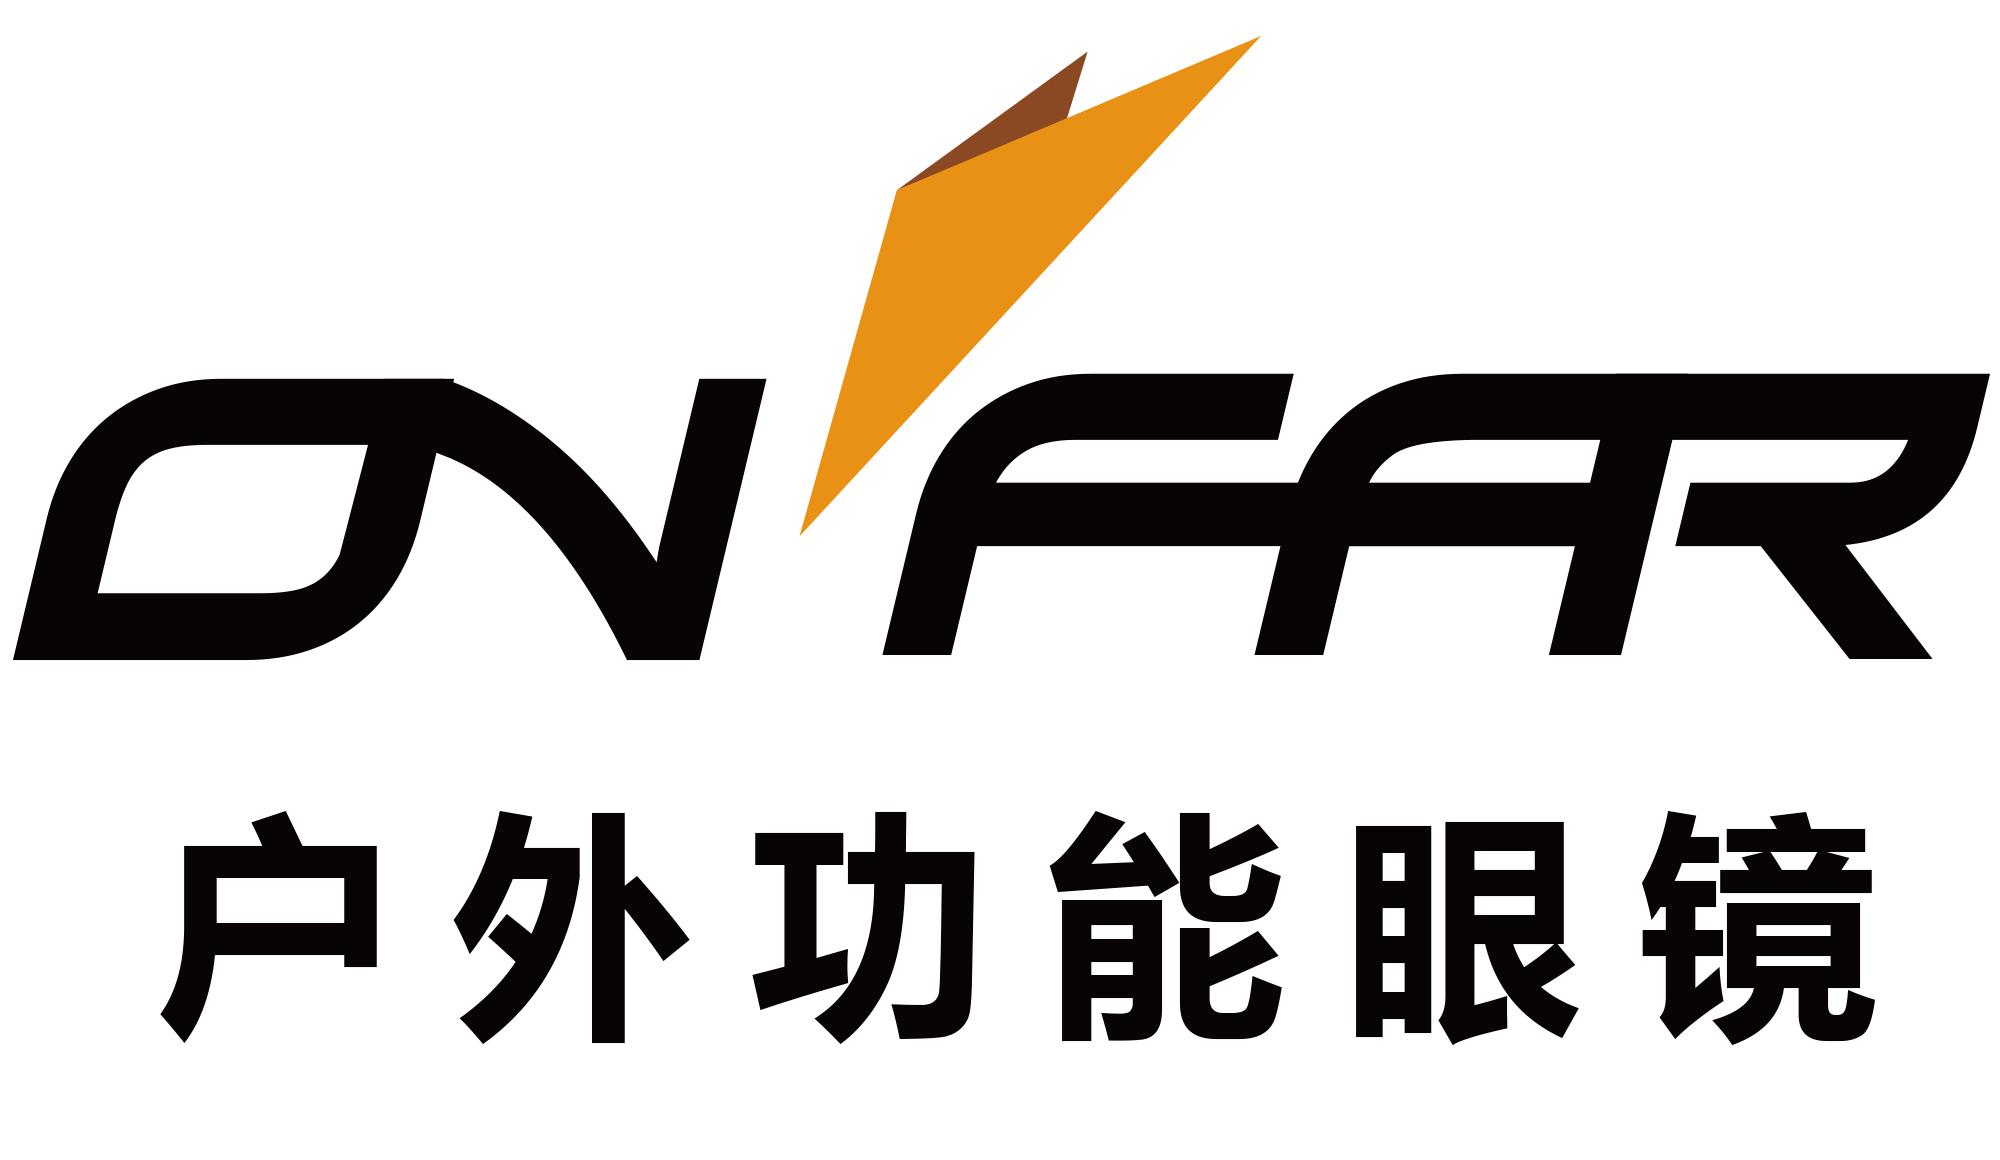 天源清水光学(上海)有限公司